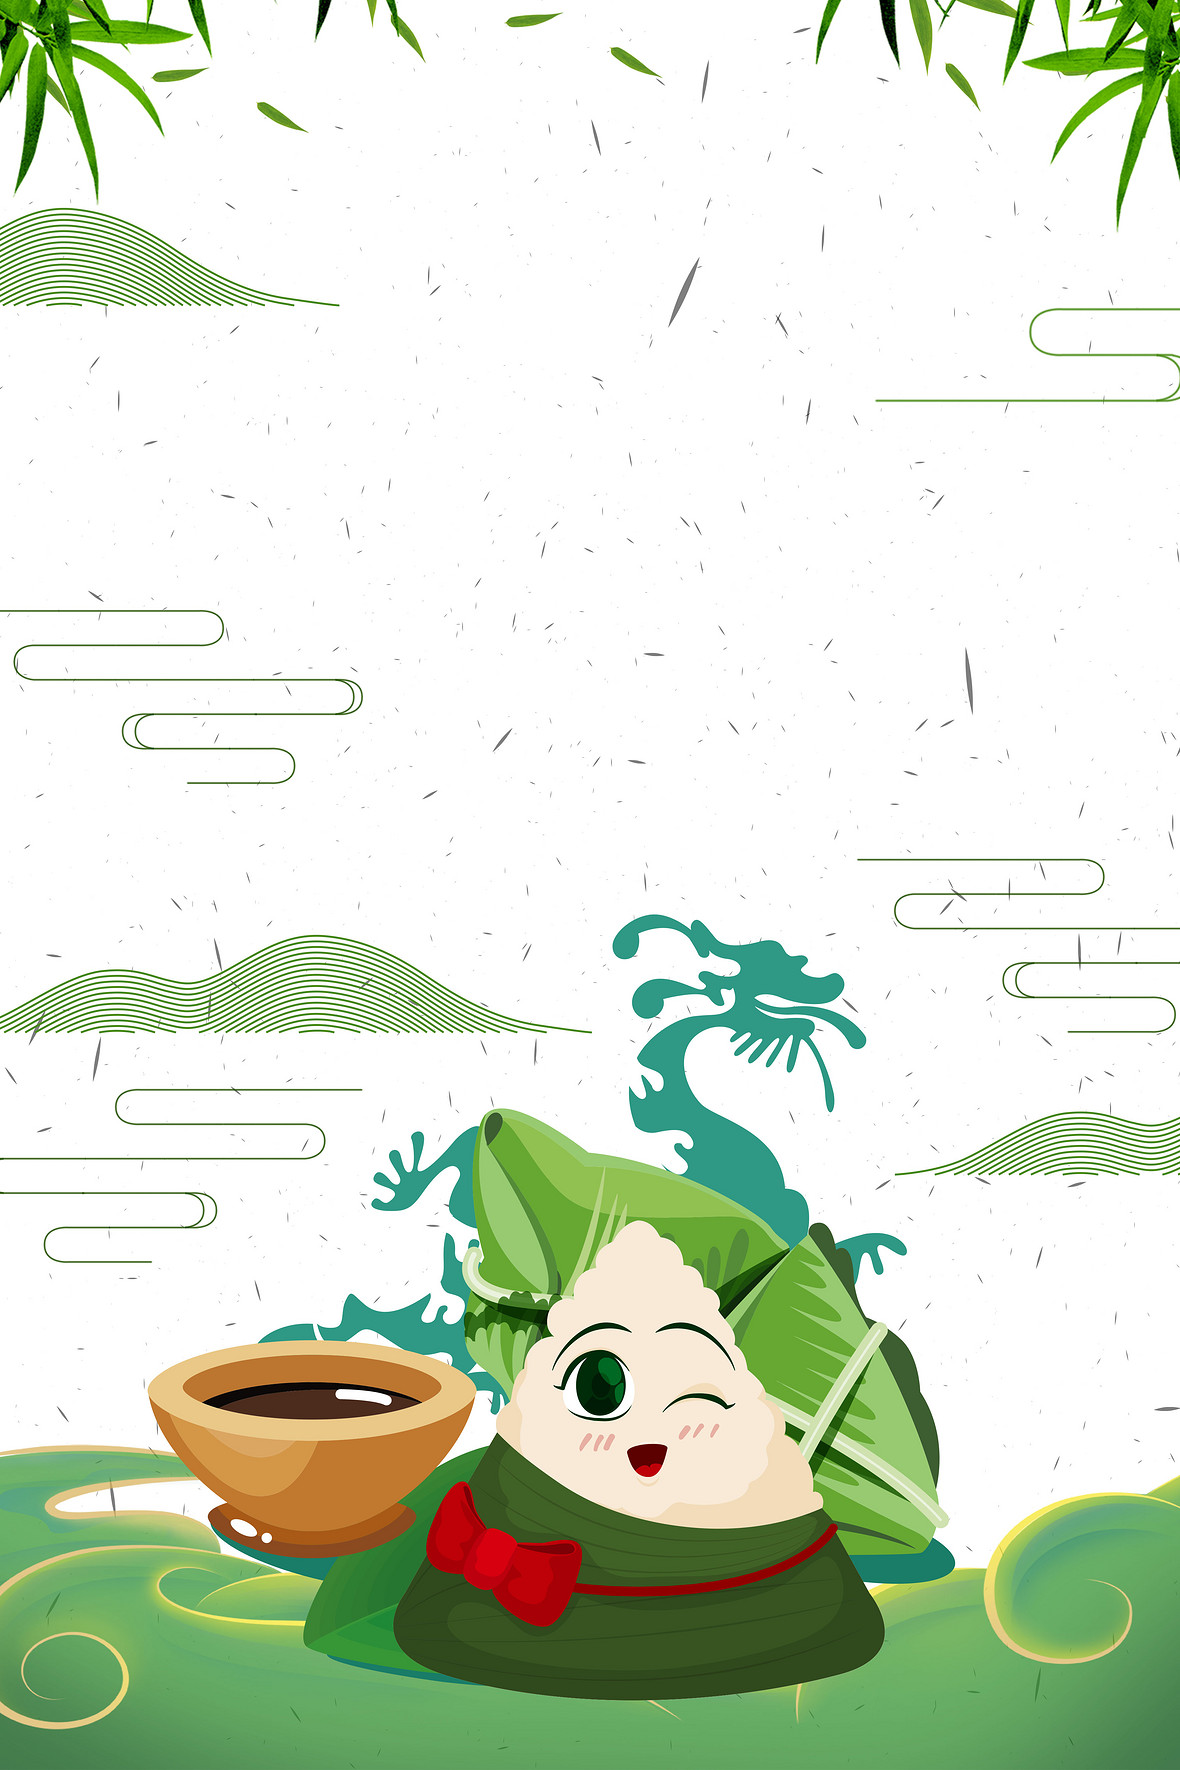 可爱手绘粽子端午节主题广告海报背景素材